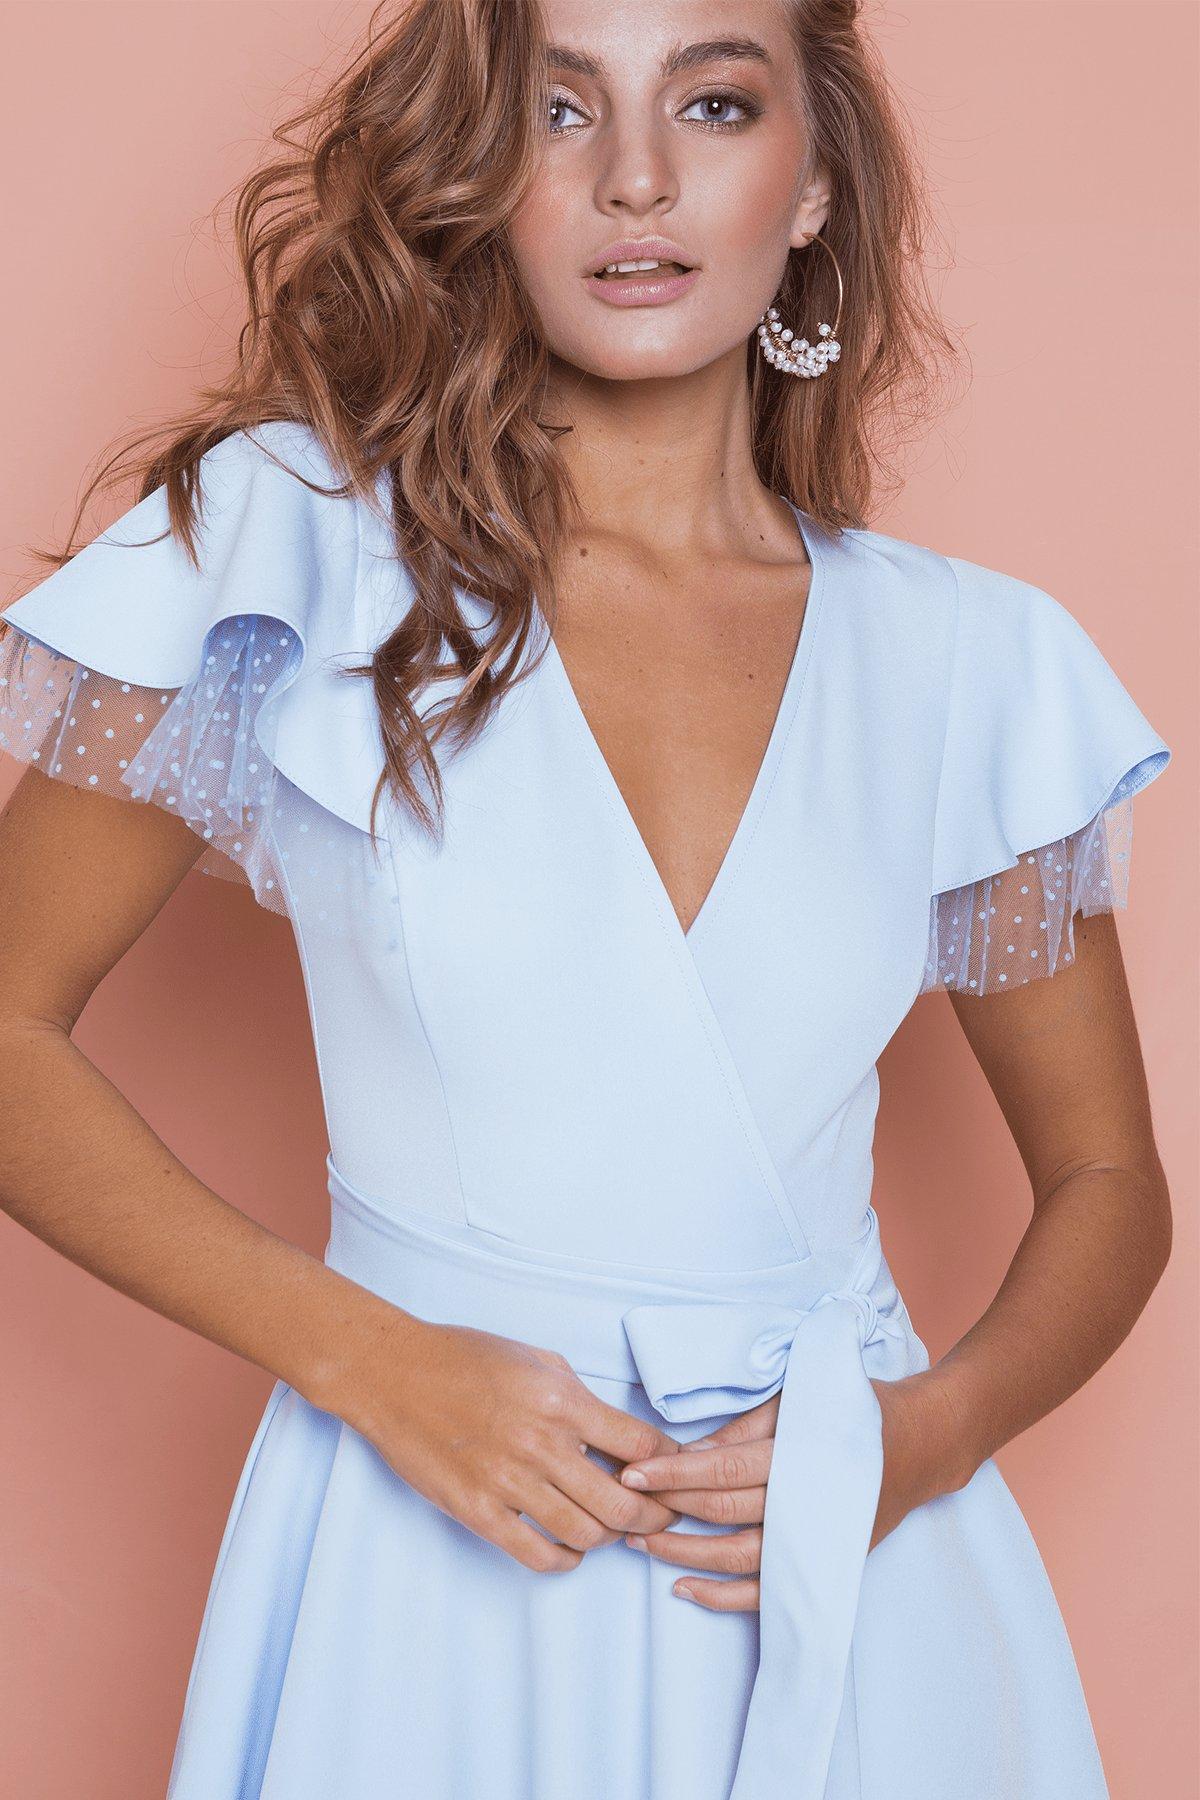 Платье с воланами на плечах Милея 6788 АРТ. 42017 Цвет: Голубой - фото 8, интернет магазин tm-modus.ru